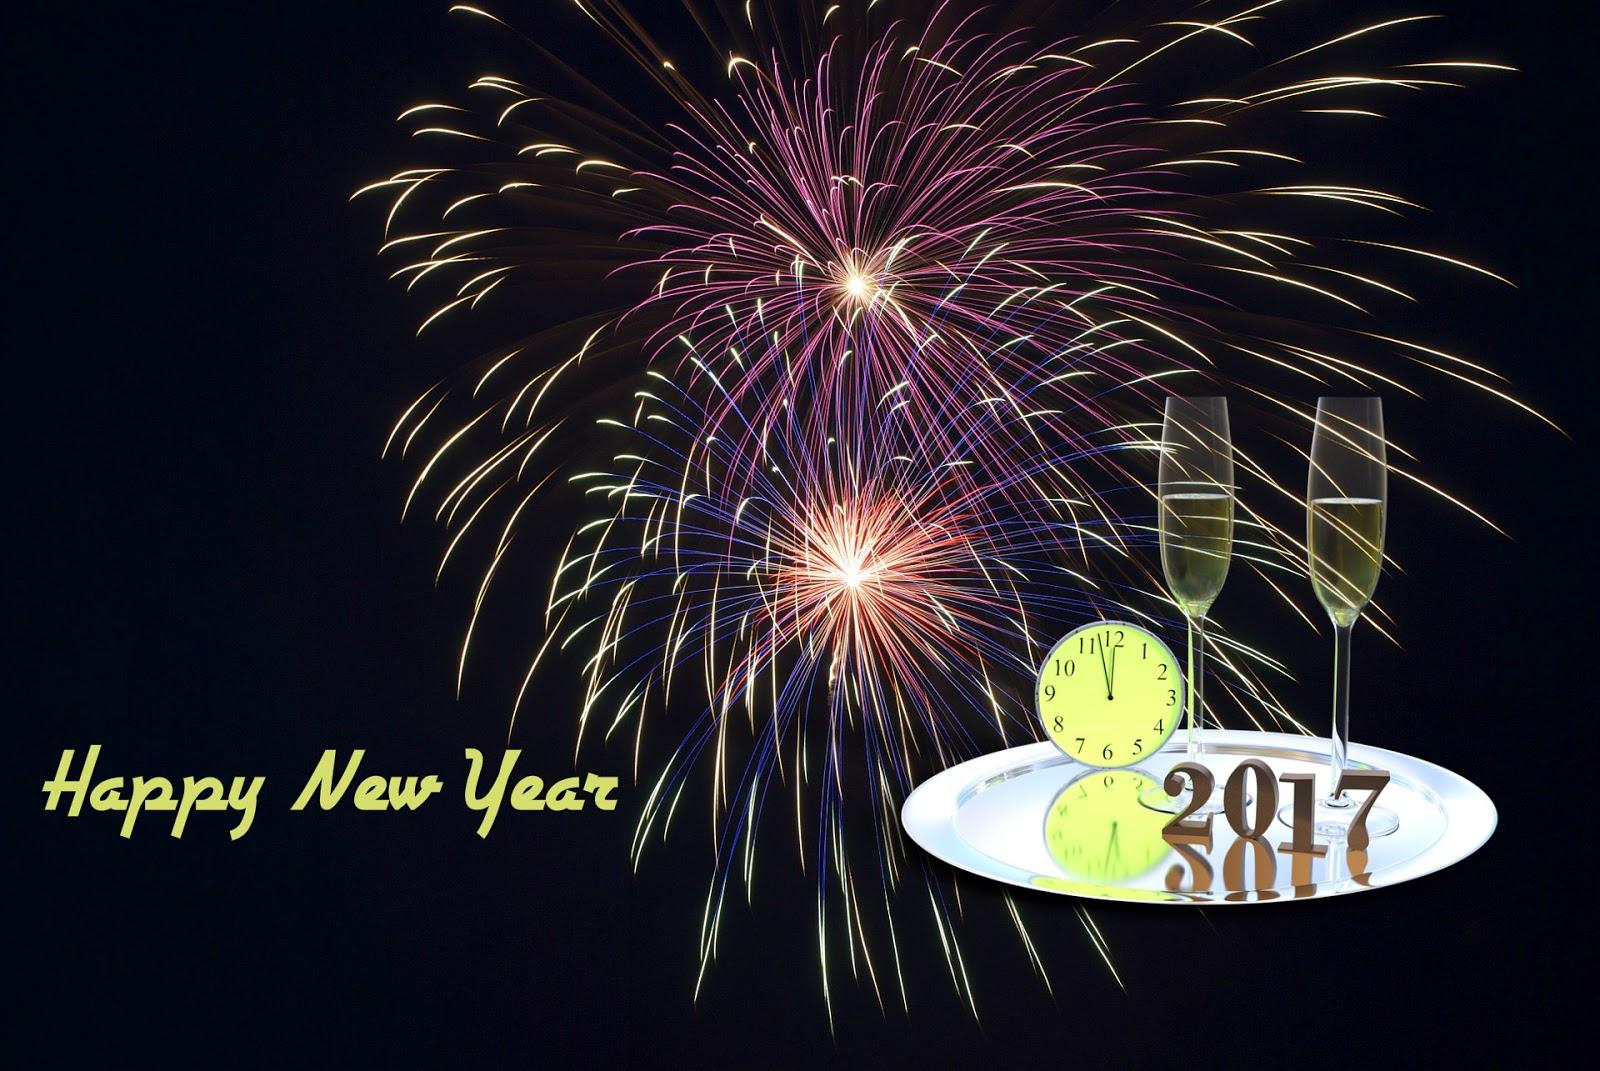 Hình nền tết 2017 đẹp chào đón năm mới - hình 16